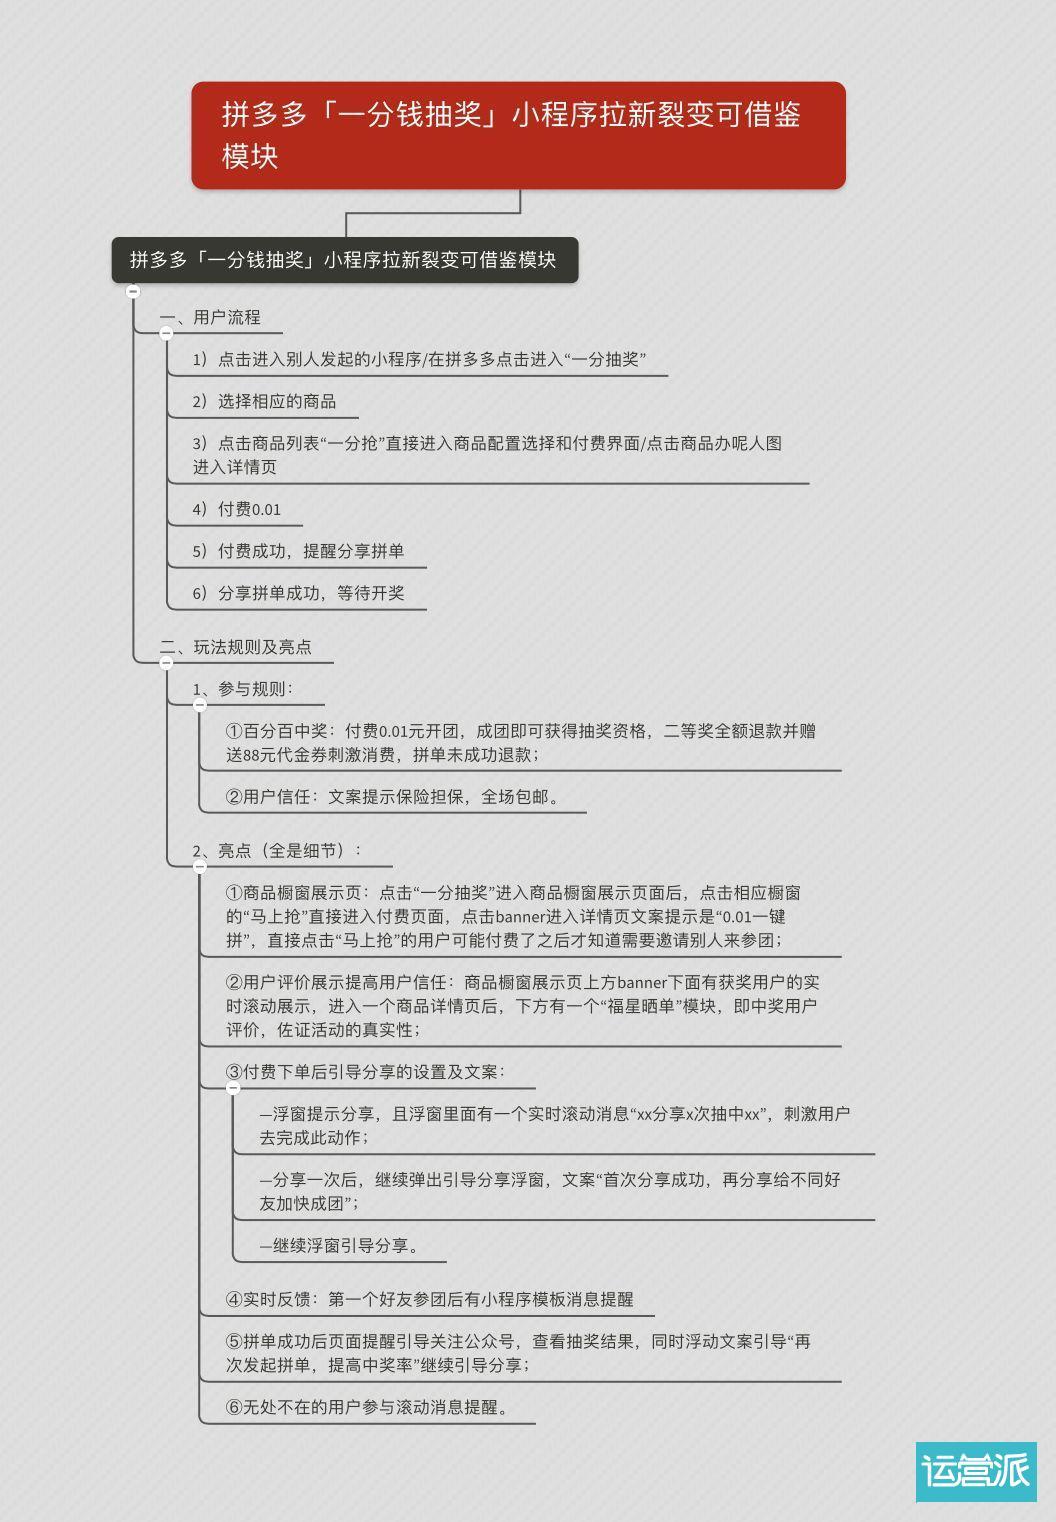 这有拼多多、小红书等5家小程序的裂变体验笔记,看看有帮助吗?